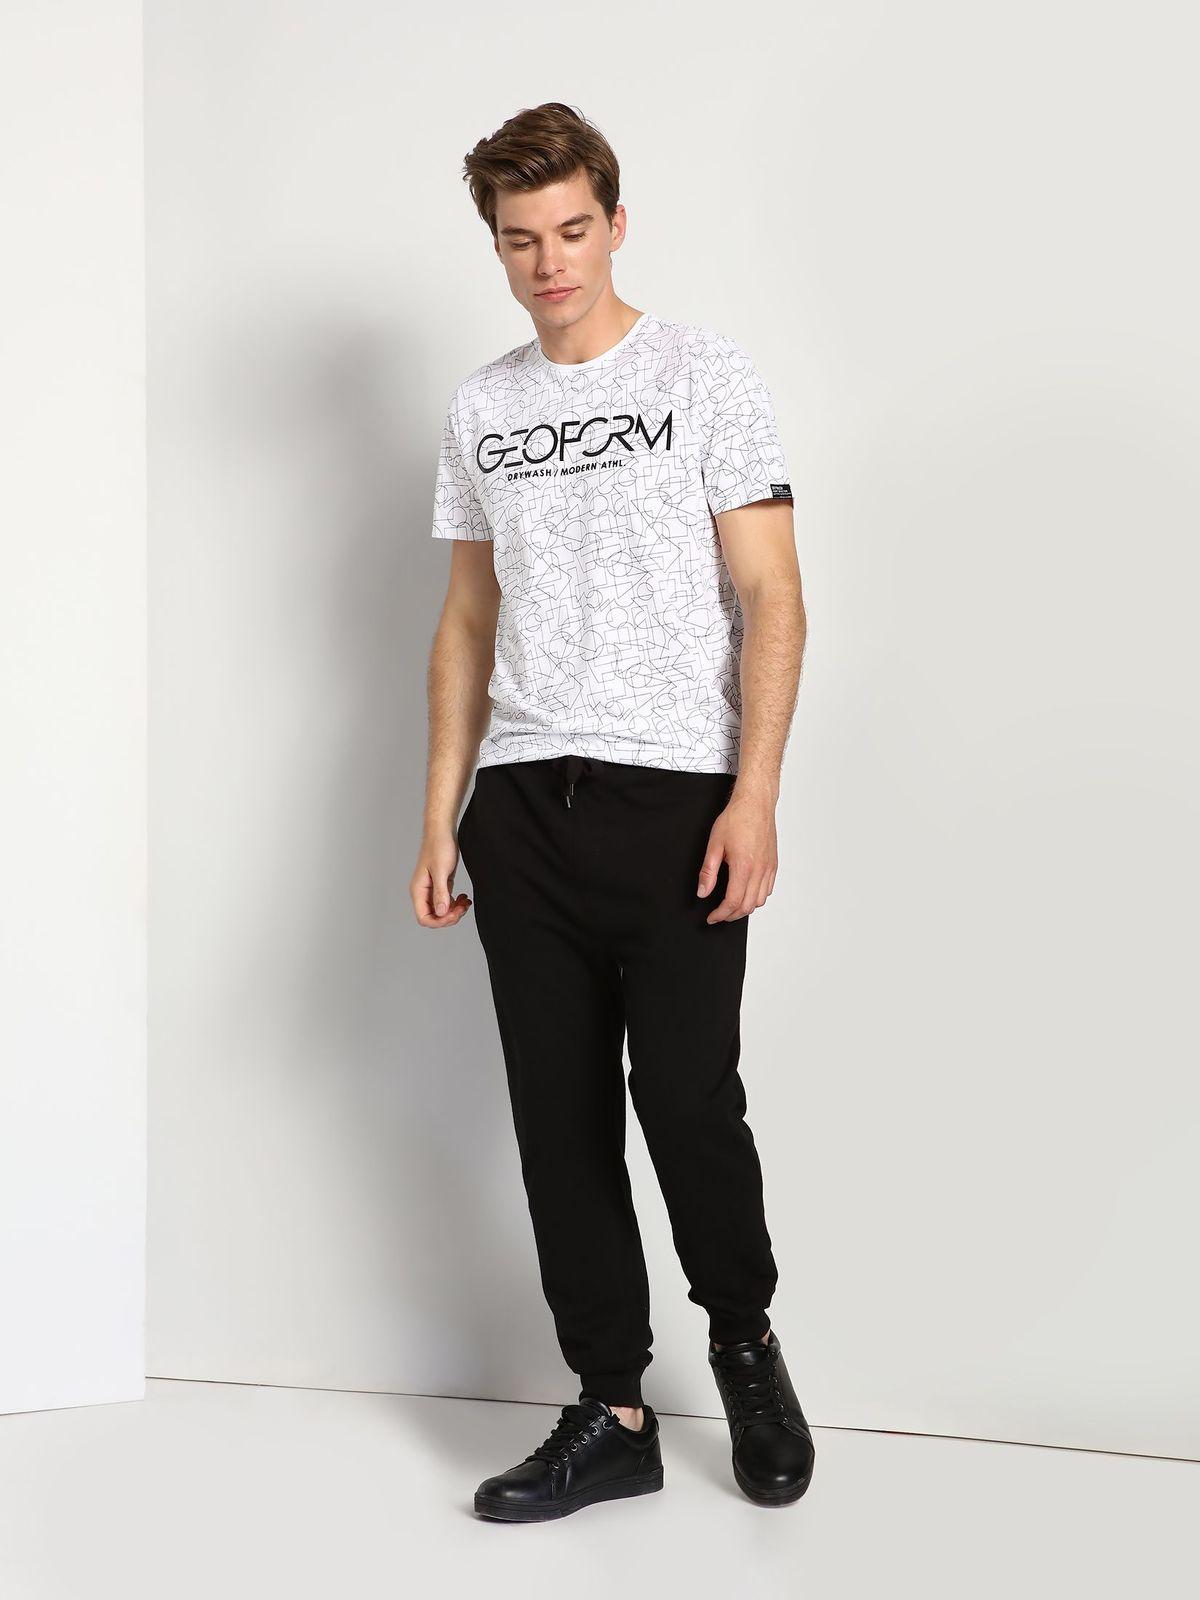 DPO0277BIМужская футболка Drywash выполнена из натурального хлопка. Модель с круглым вырезом горловины оформлена оригинальным принтом и надписями на английском языке.